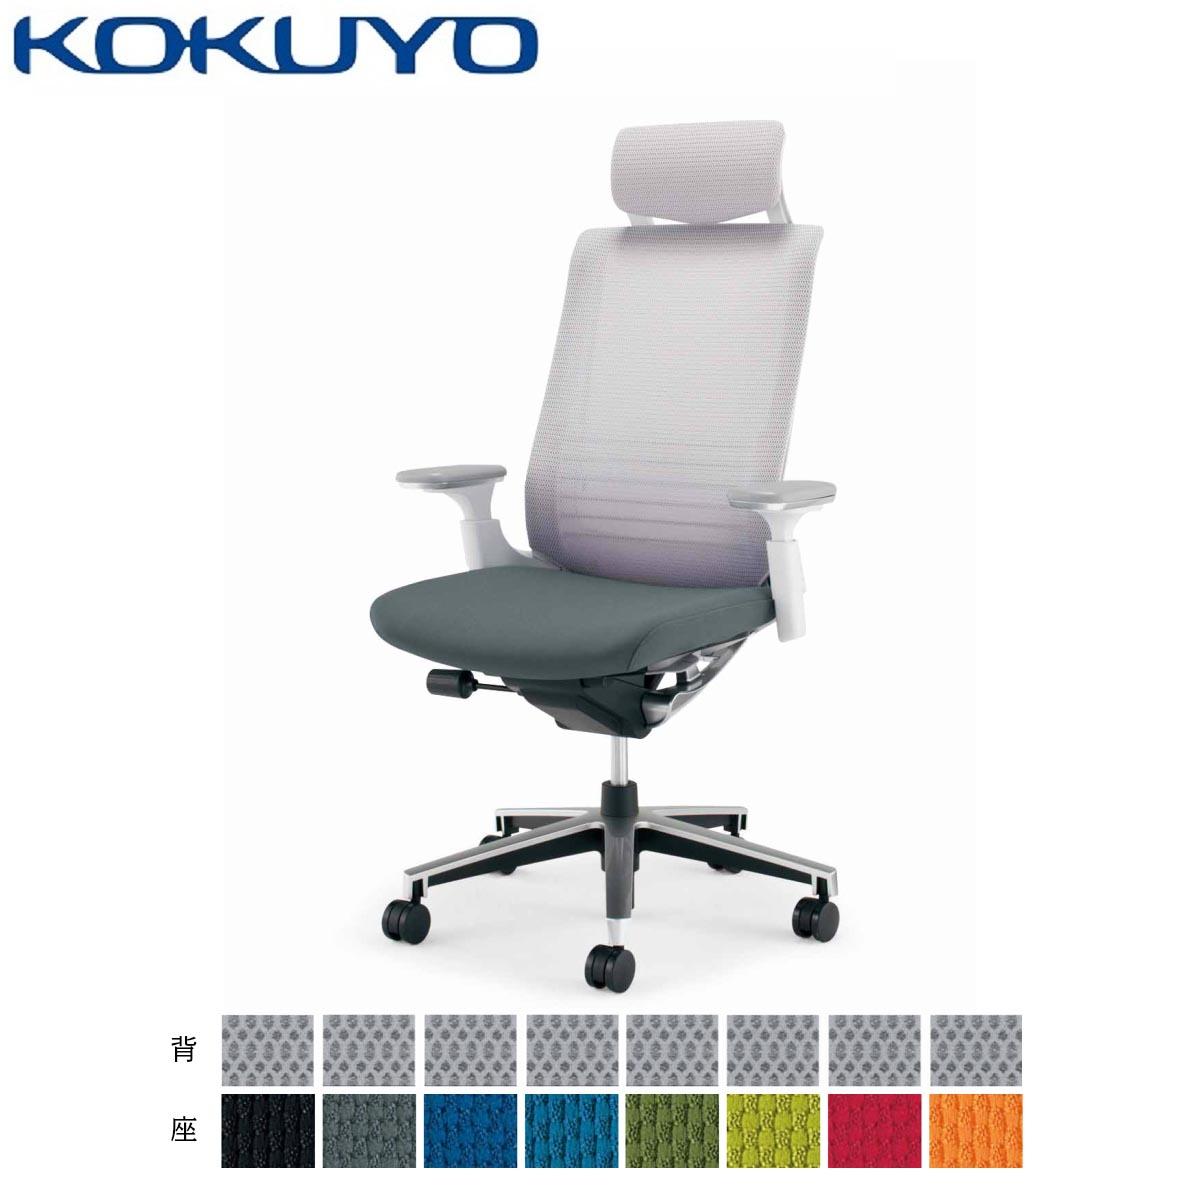 コクヨ デスクチェア オフィスチェア 椅子 INSPINE インスパイン CR-GA2515E1 布張り ヘッドレスト付き 可動肘 ホワイトフレーム